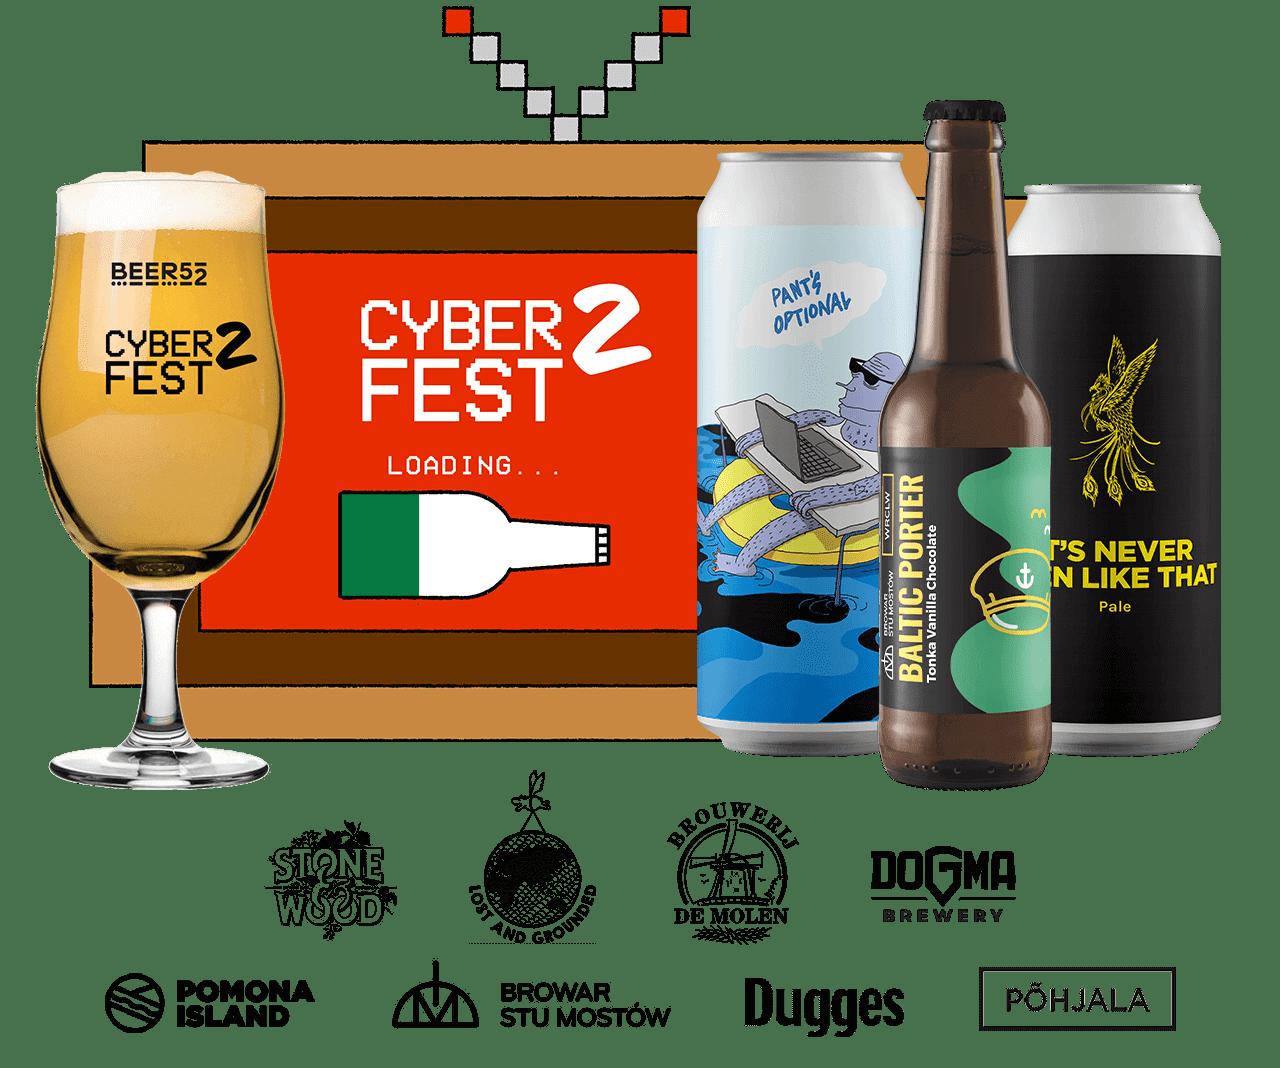 Cyber Fest 2